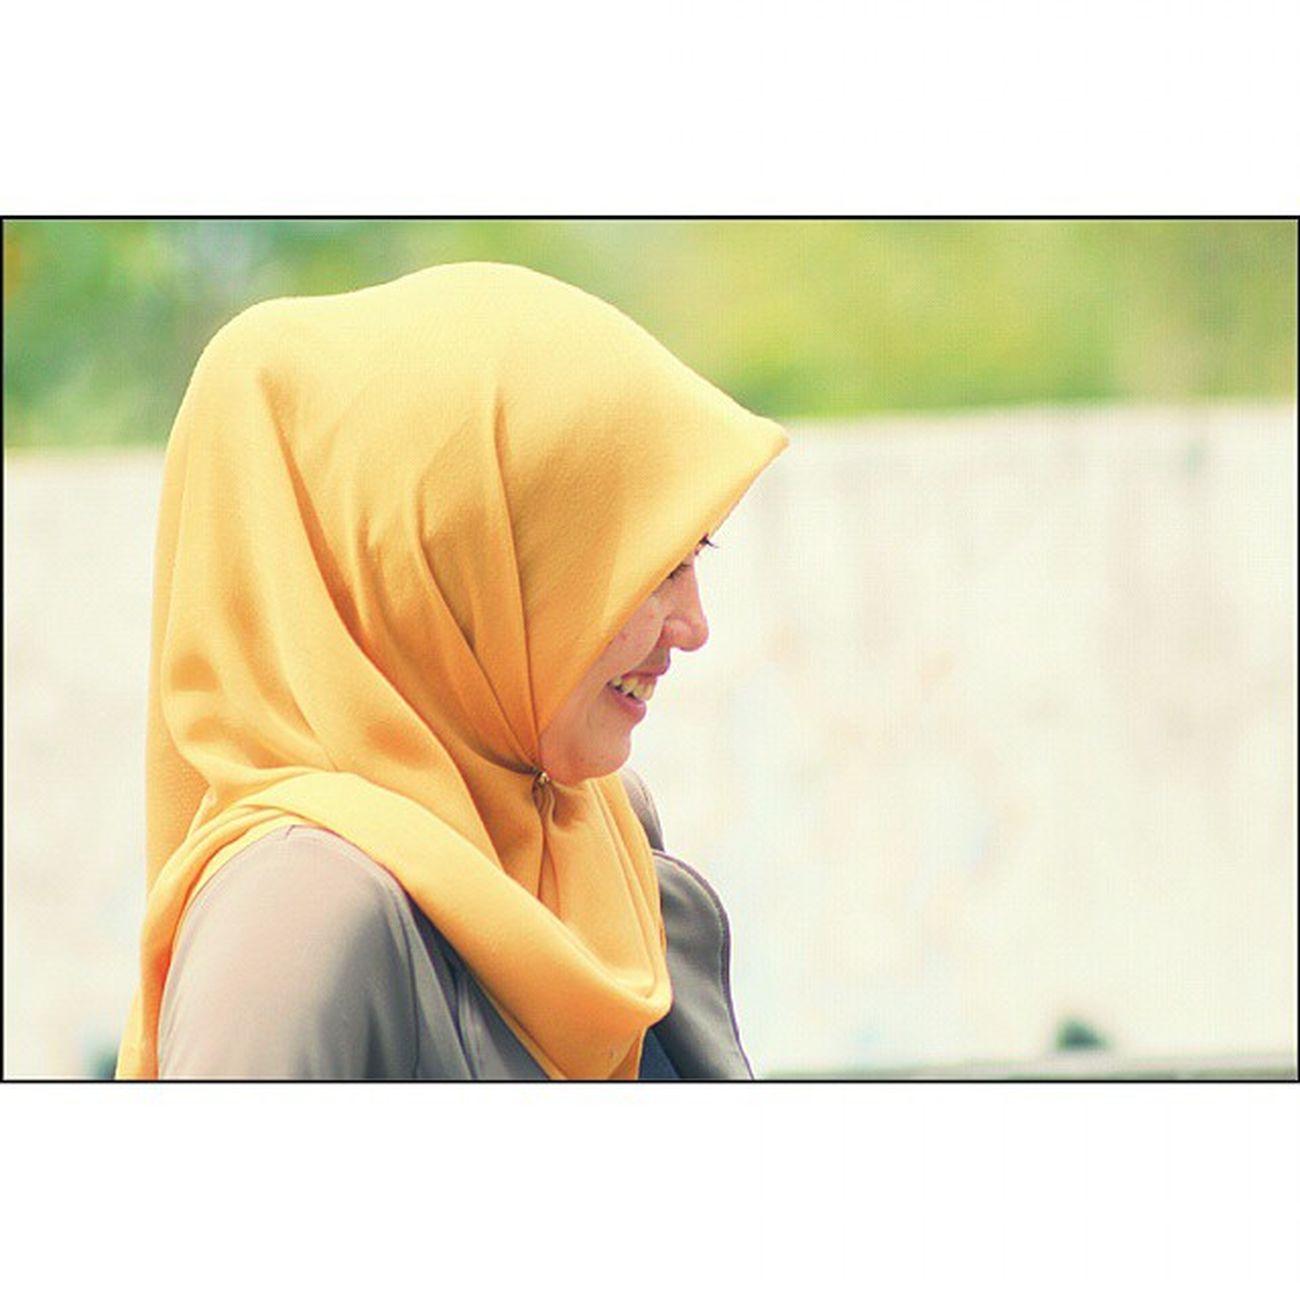 hijab bripark Hijab Jilbab Bank Bripark Bri  BankRakyatIndonesia Monumen Meteor Wonotirto